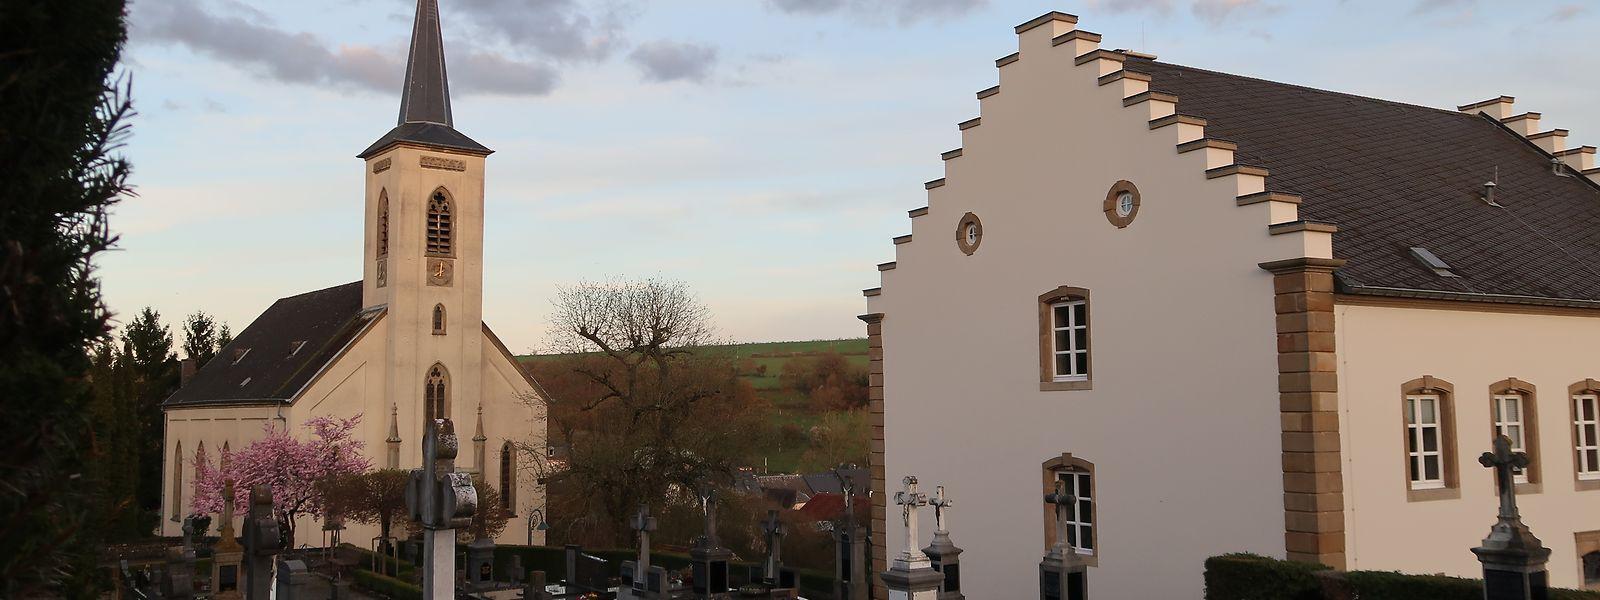 Am Gemeindeamt Manternach wurde Samstagnacht eingebrochen.